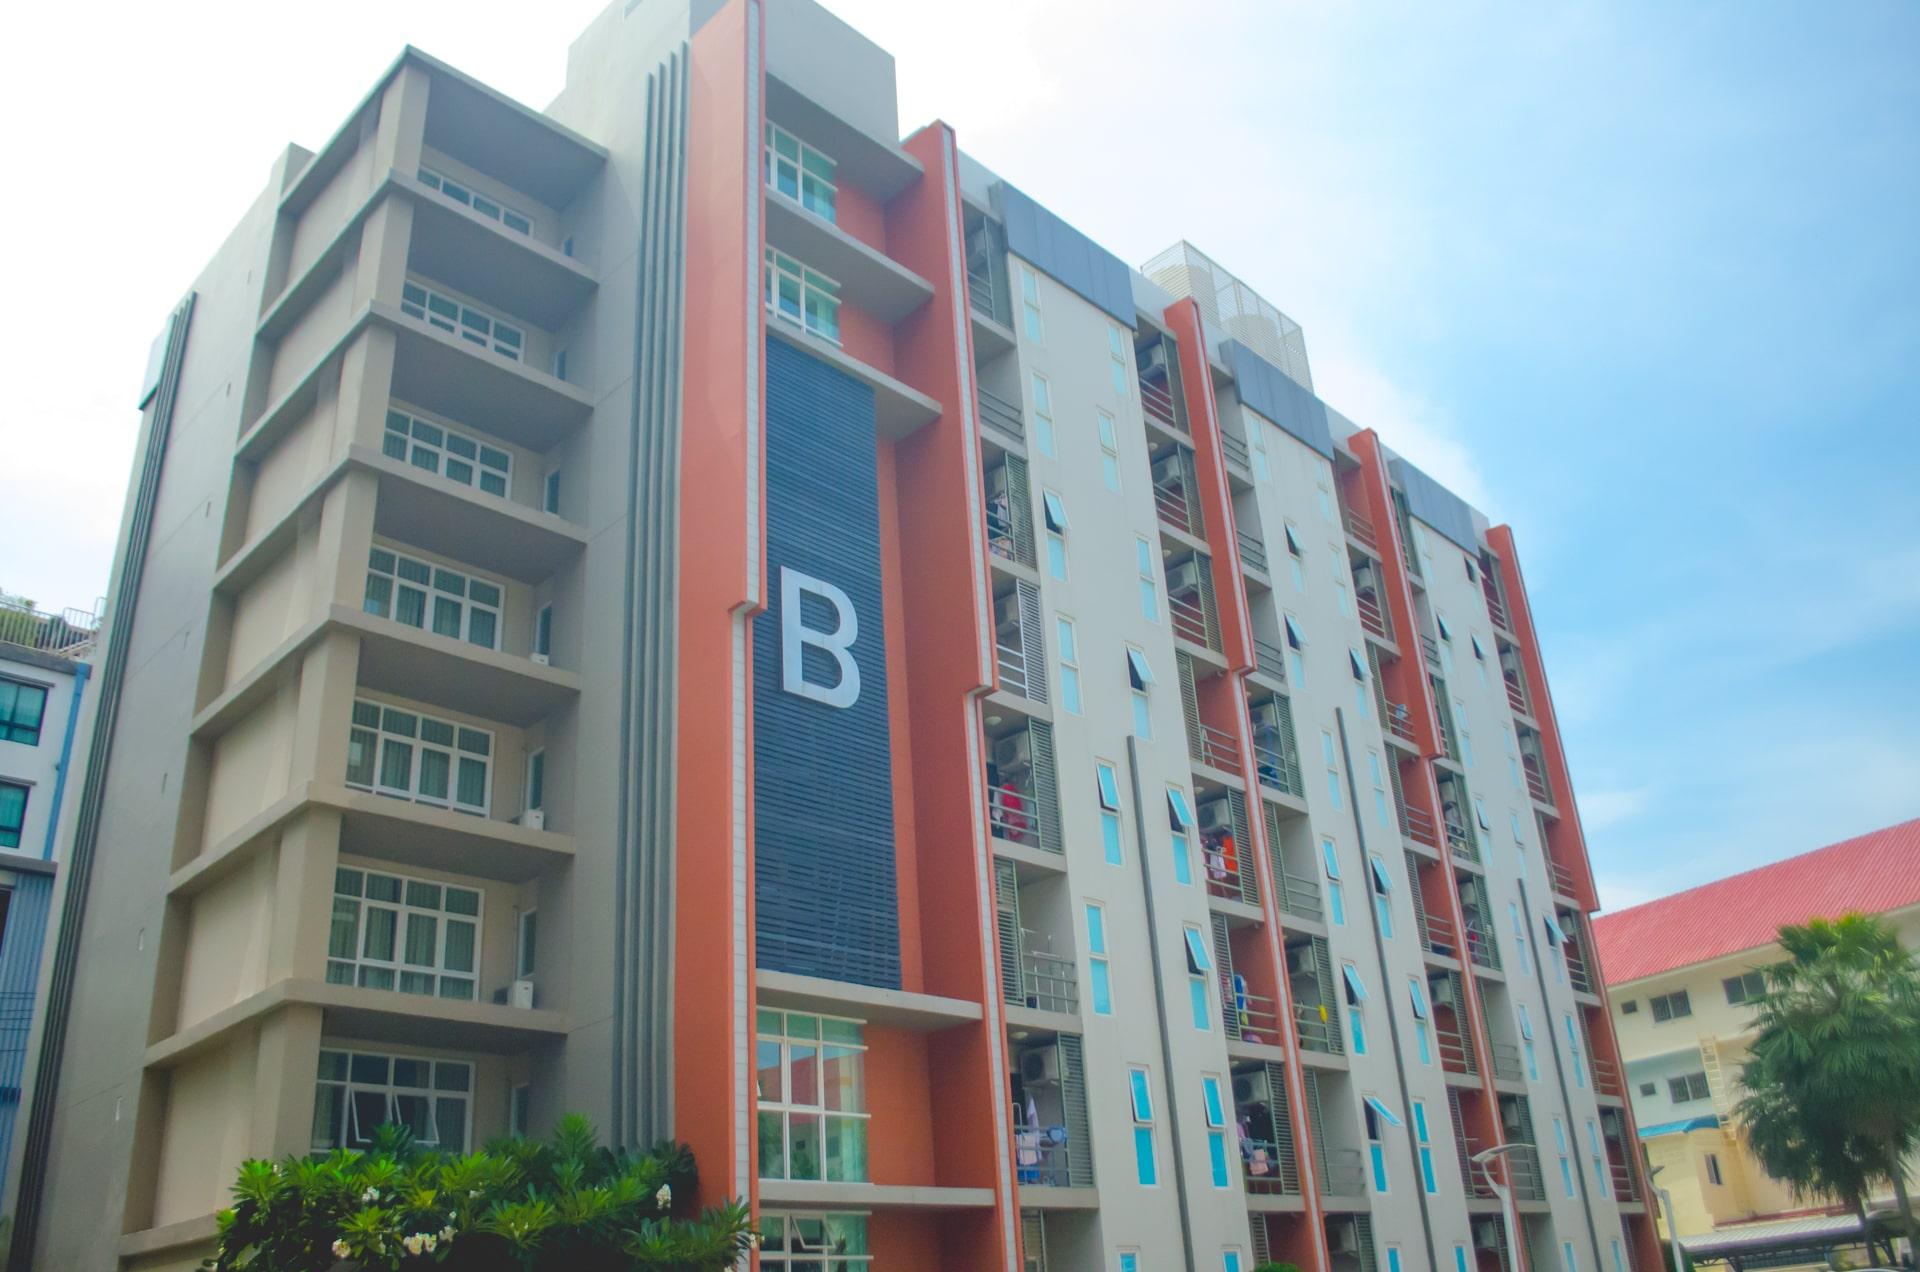 รีวิว!! 5 ที่พักใกล้มหาวิทยาลัยบูรพา เดินไปมอได้ เริ่มต้นแค่ 800 บาท!